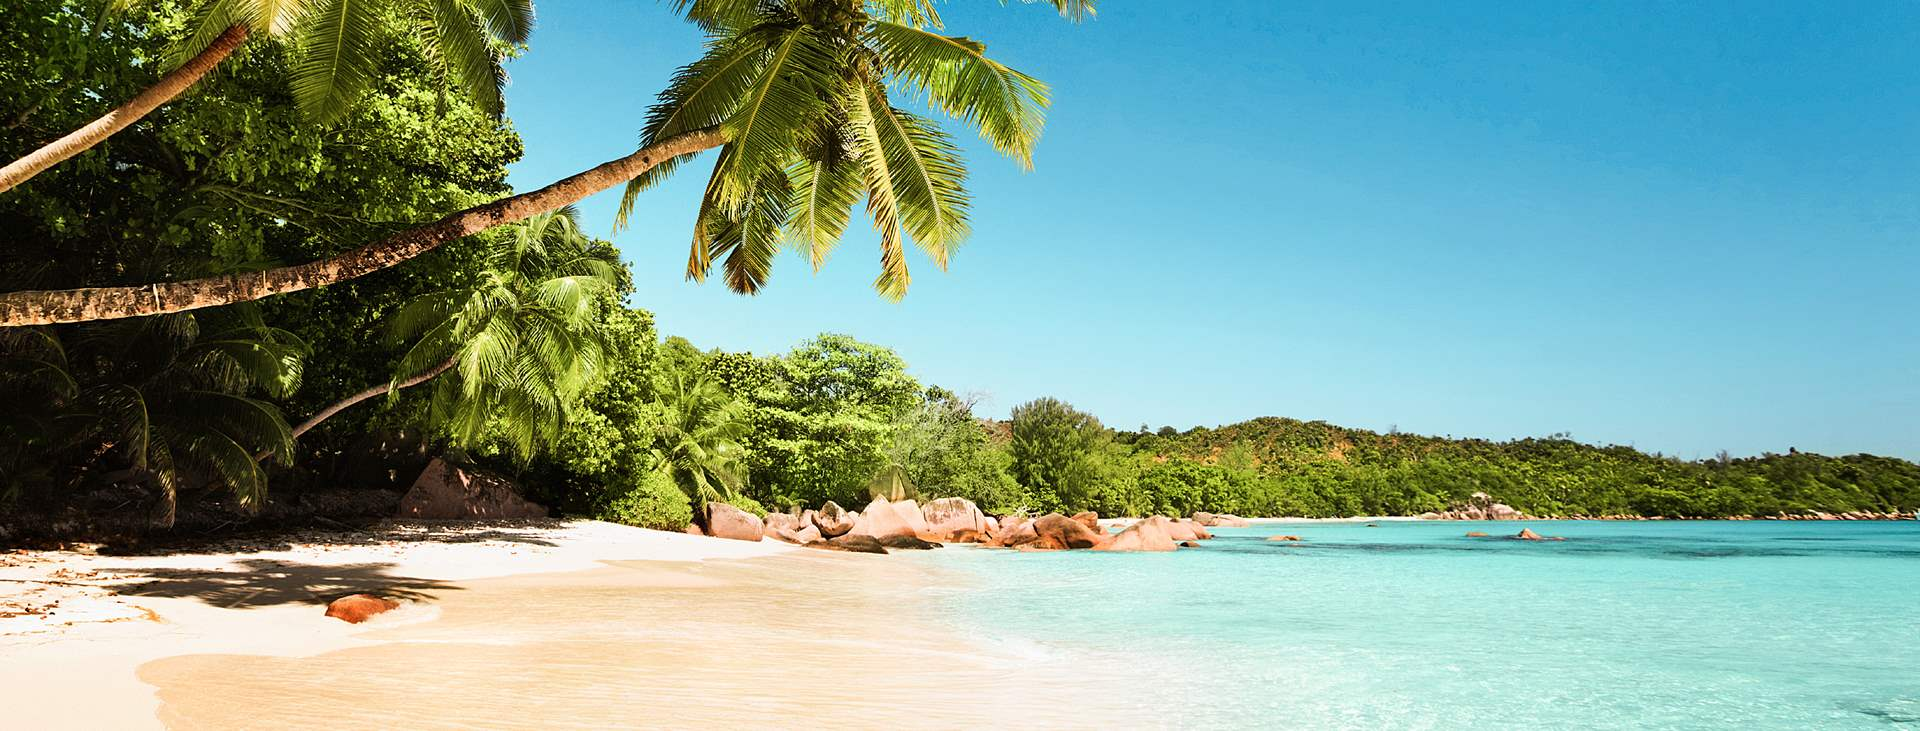 Boka din resa till Praslin i Seychellerna med Ving